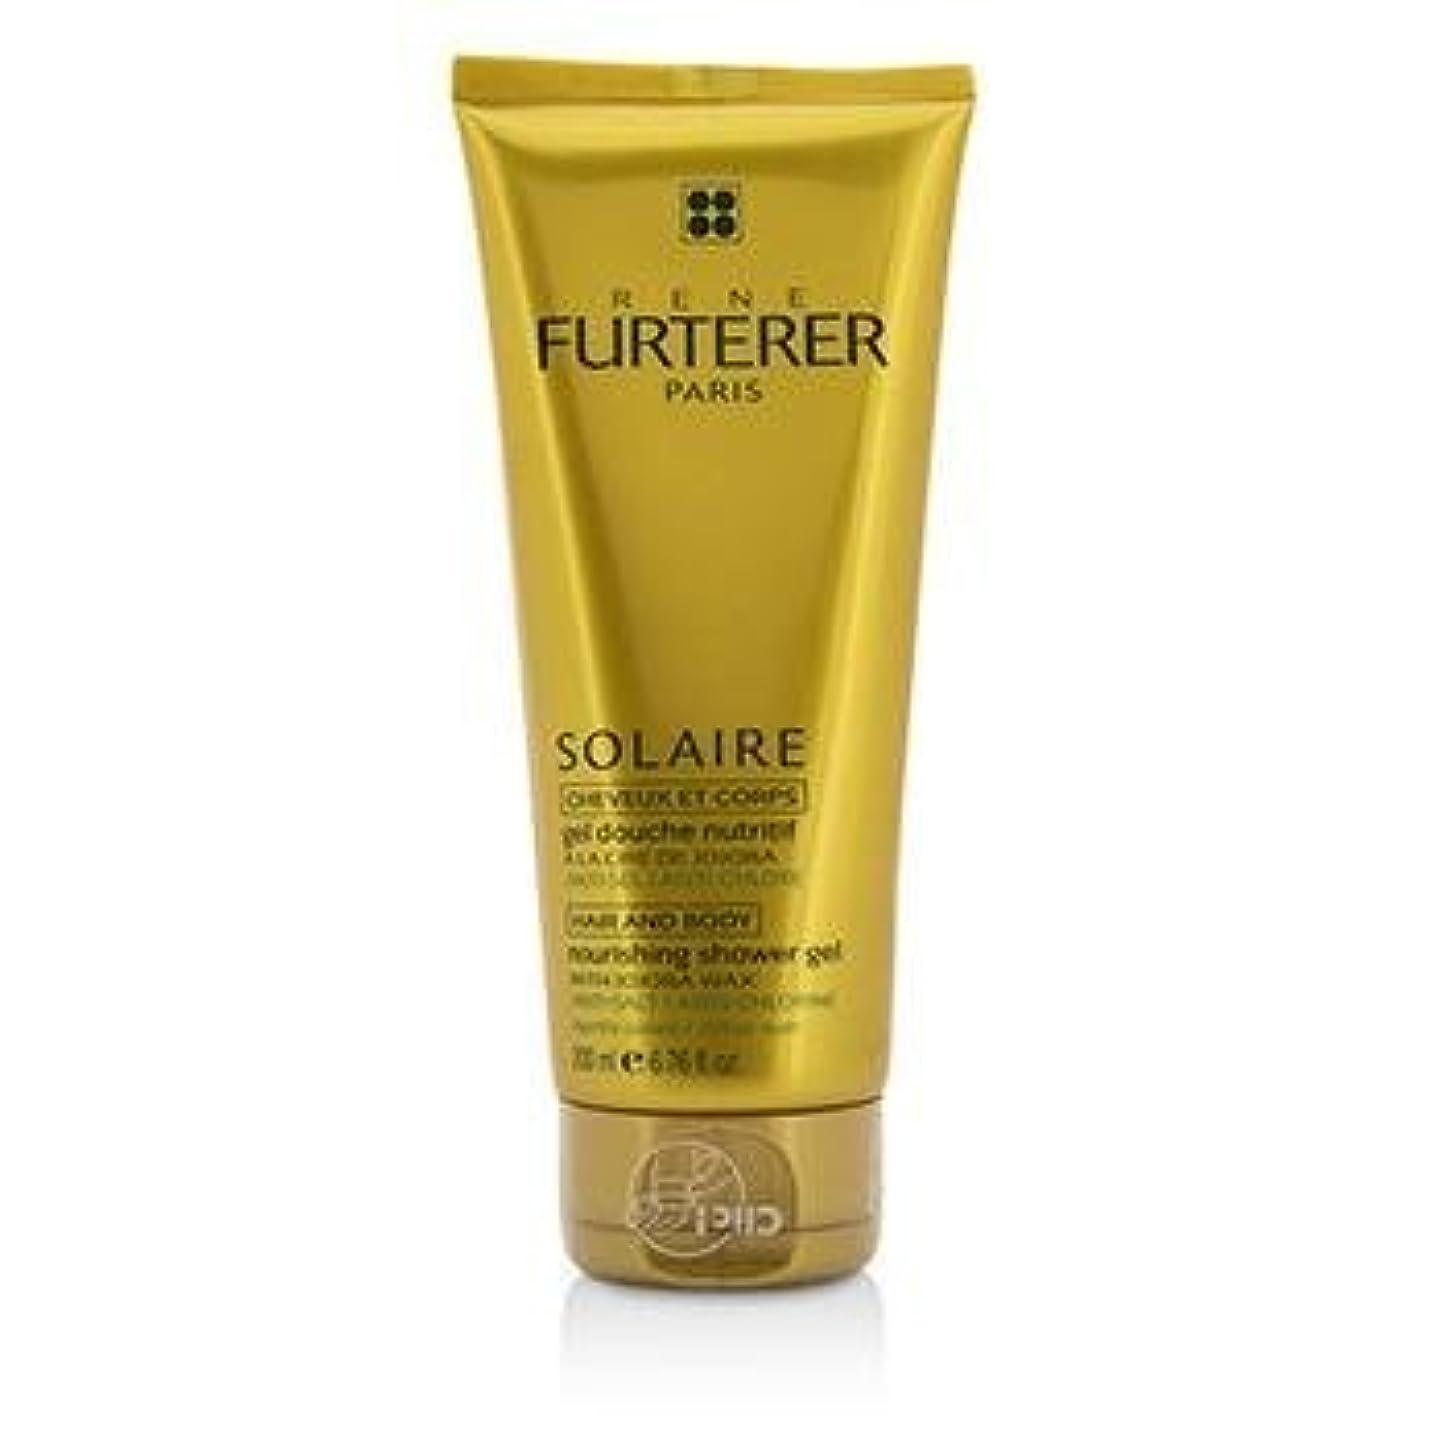 穿孔する足首チケットルネ フルトレール Solaire Nourishing Shower Gel with Jojoba Wax (Hair and Body) 200ml